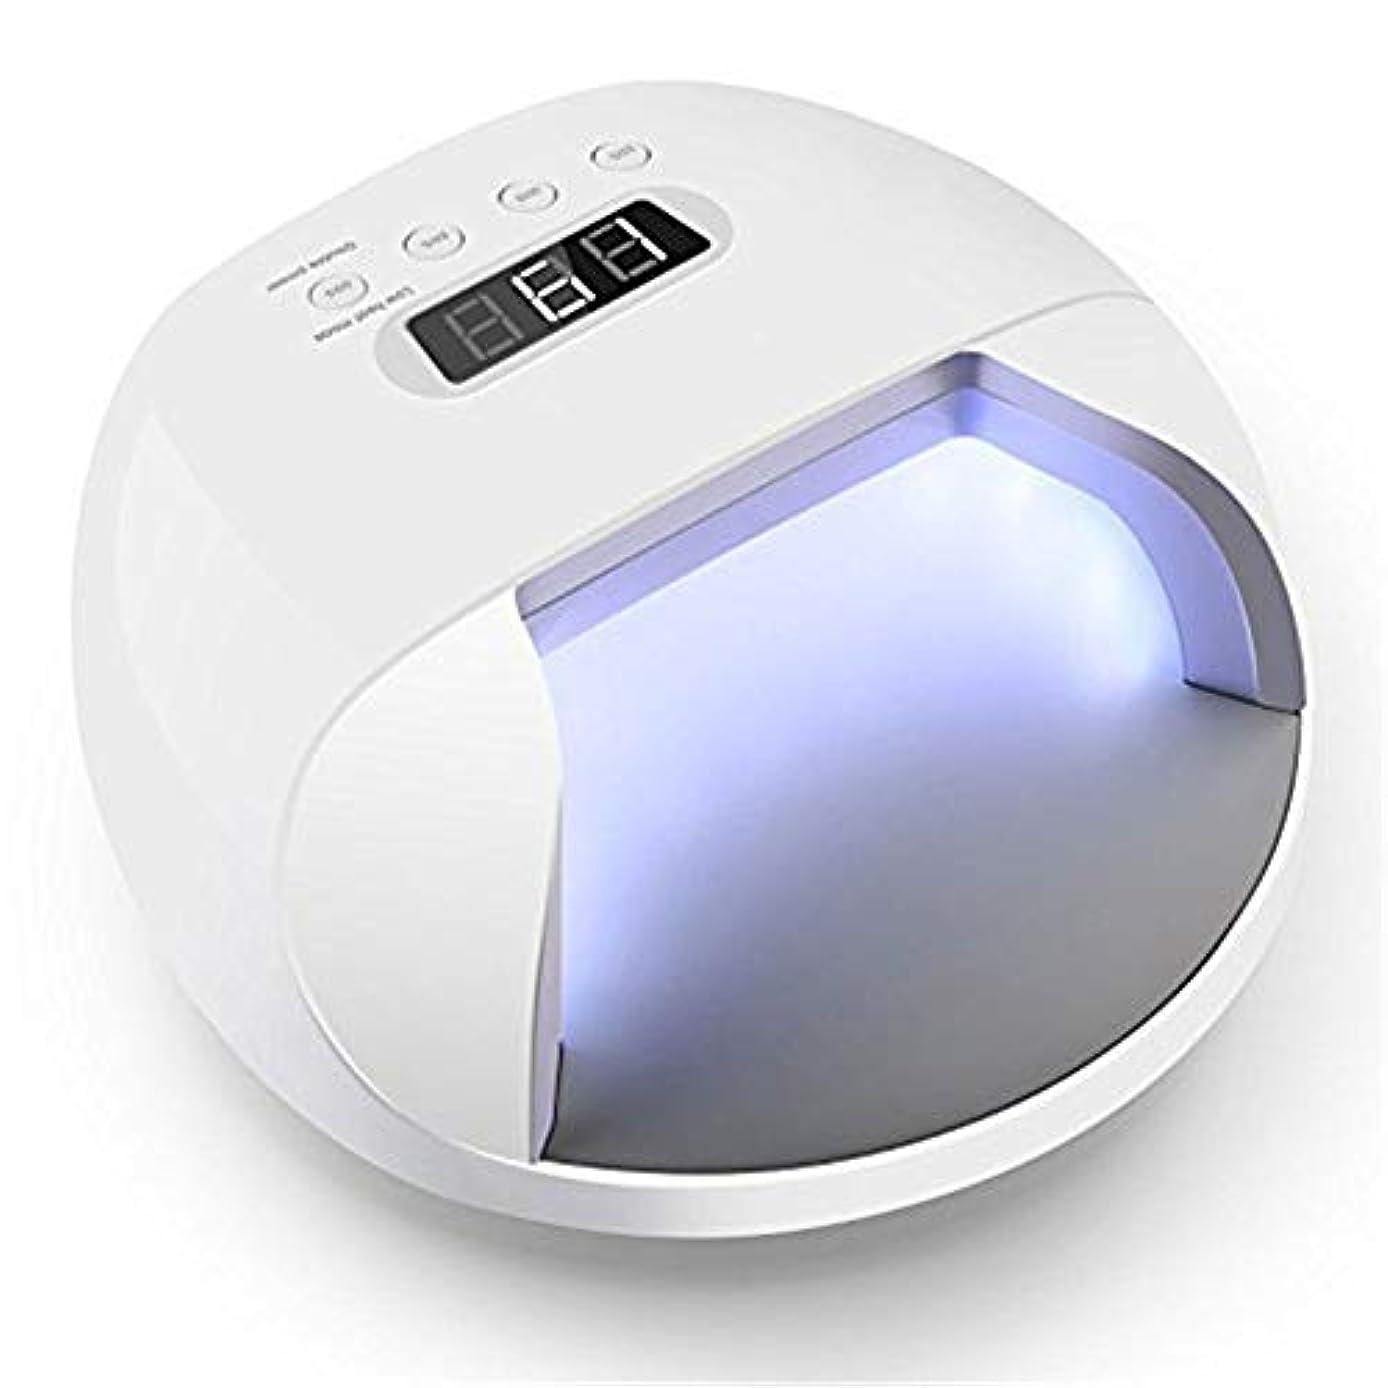 自分の遺伝的晩ごはんダブルパワーデザイン、4タイマー設定、液晶ディスプレイ、痛みのない硬化、過熱保護を備えたジェルネイル用UV LEDネイルランプUVライト